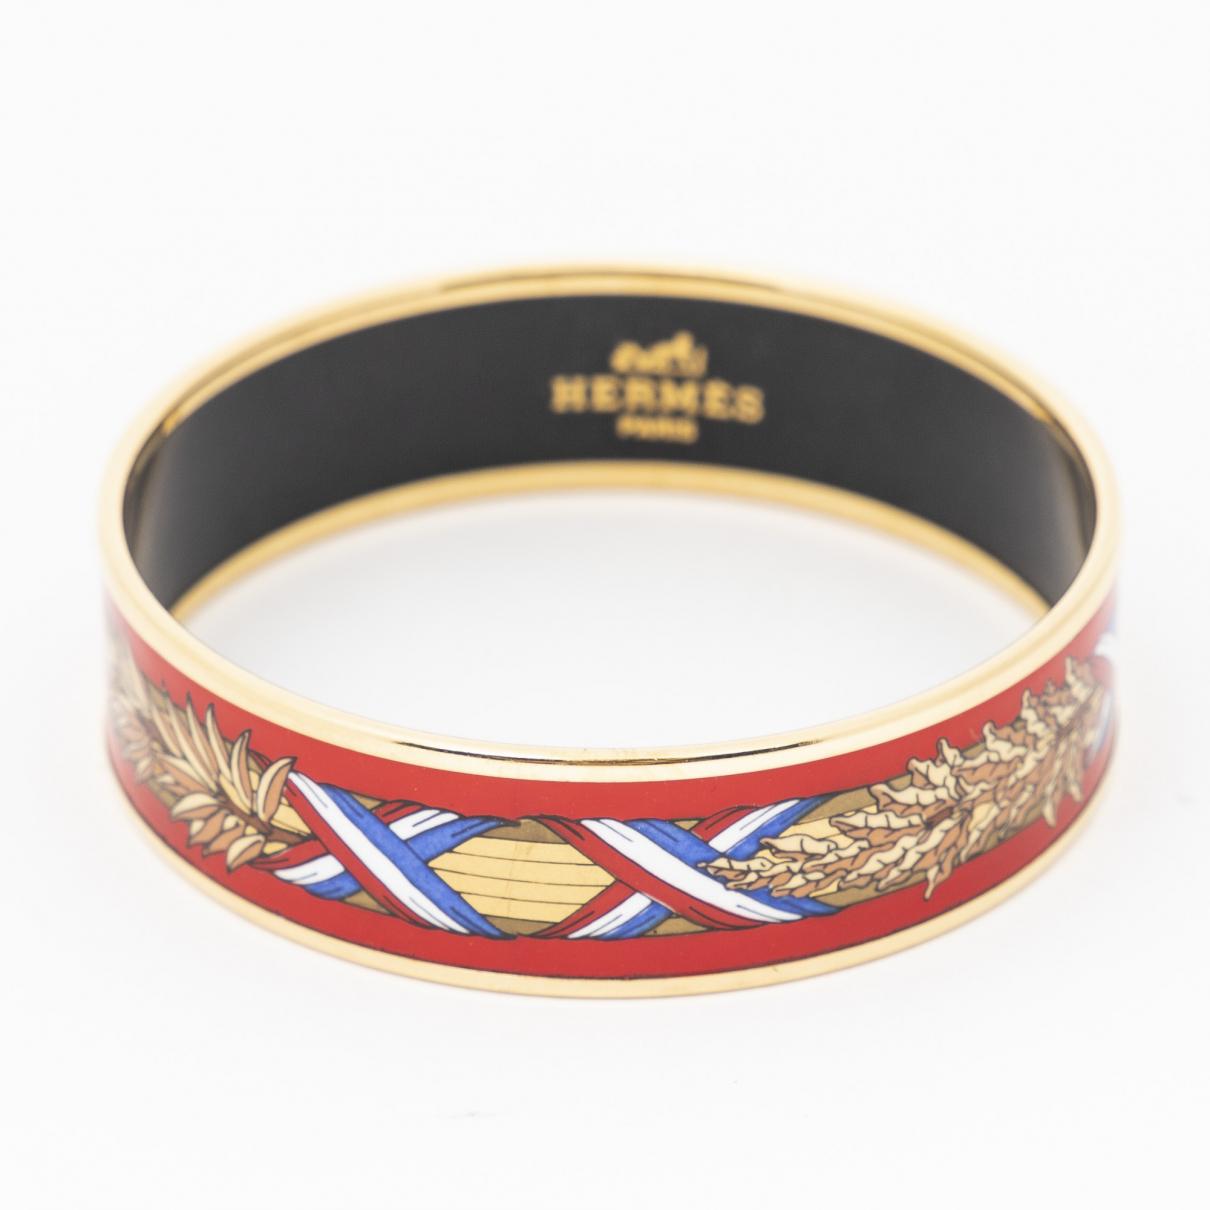 Hermes - Bracelet   pour femme en or blanc - rouge